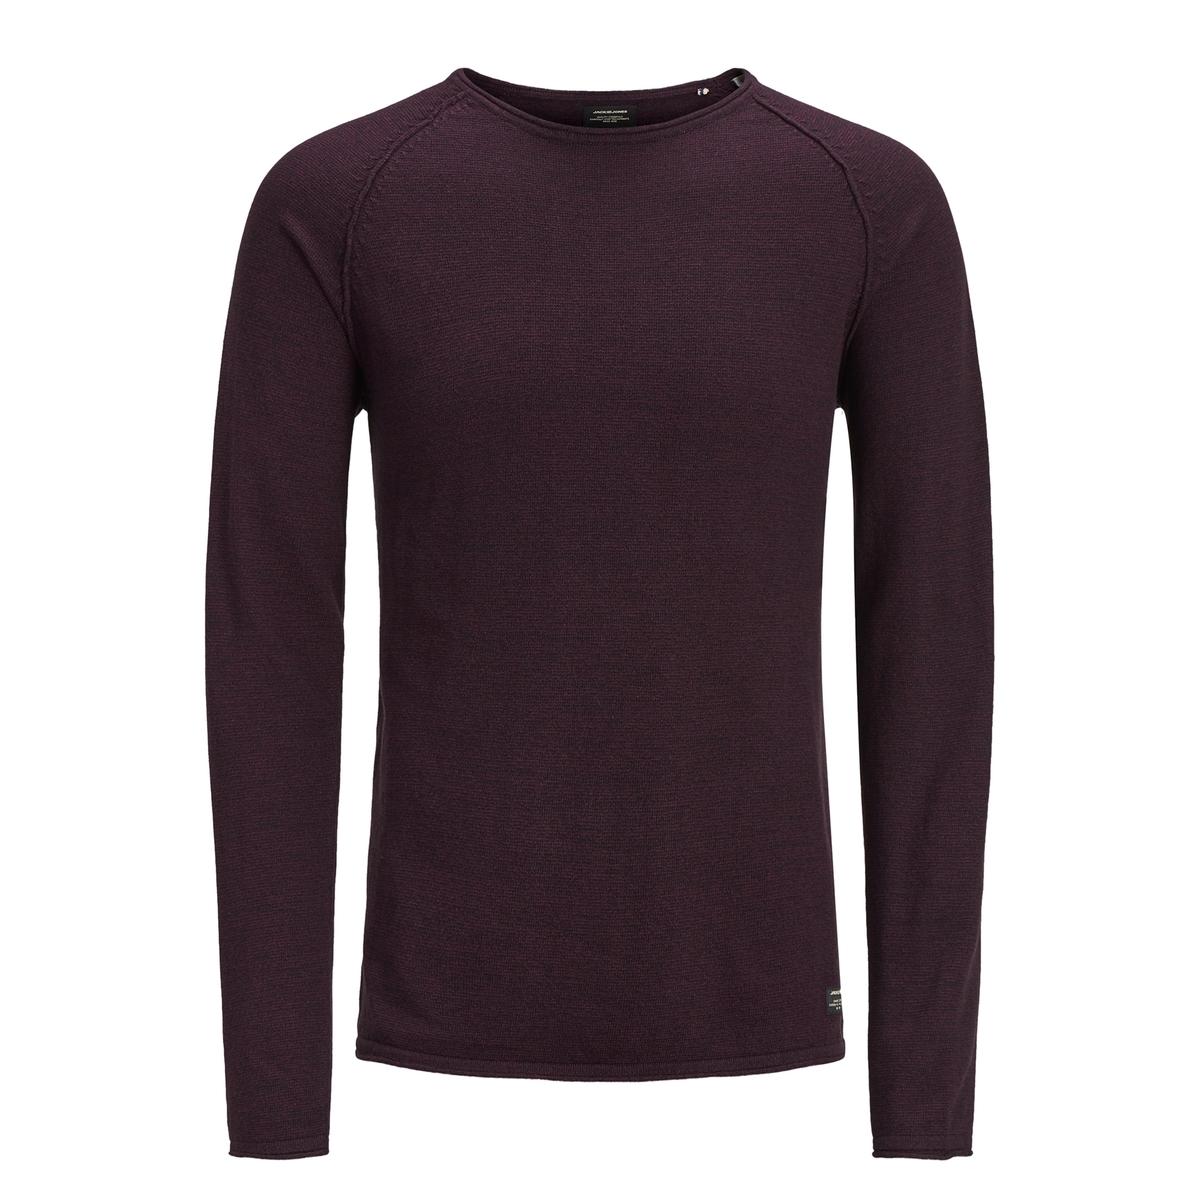 Пуловер JACK & JONES 10306117 от LaRedoute